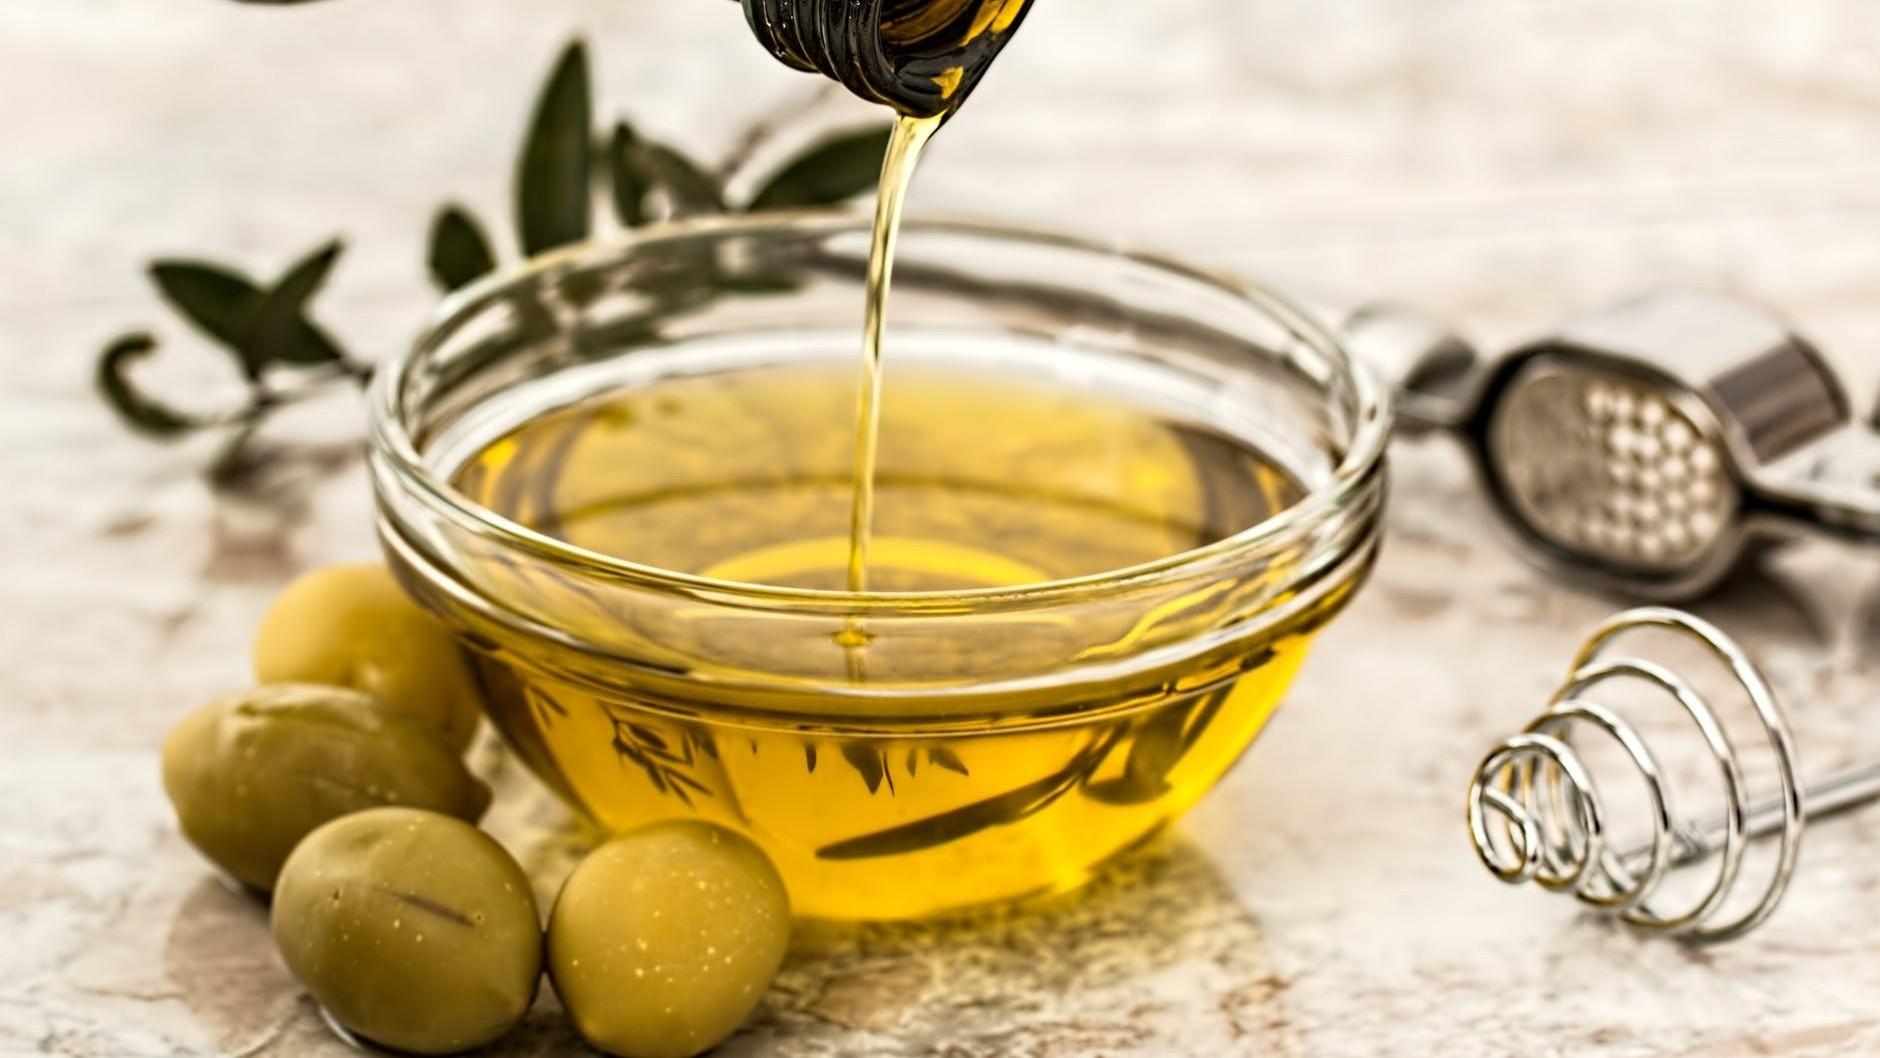 5 фактов об оливковом масле, которые нужно знать